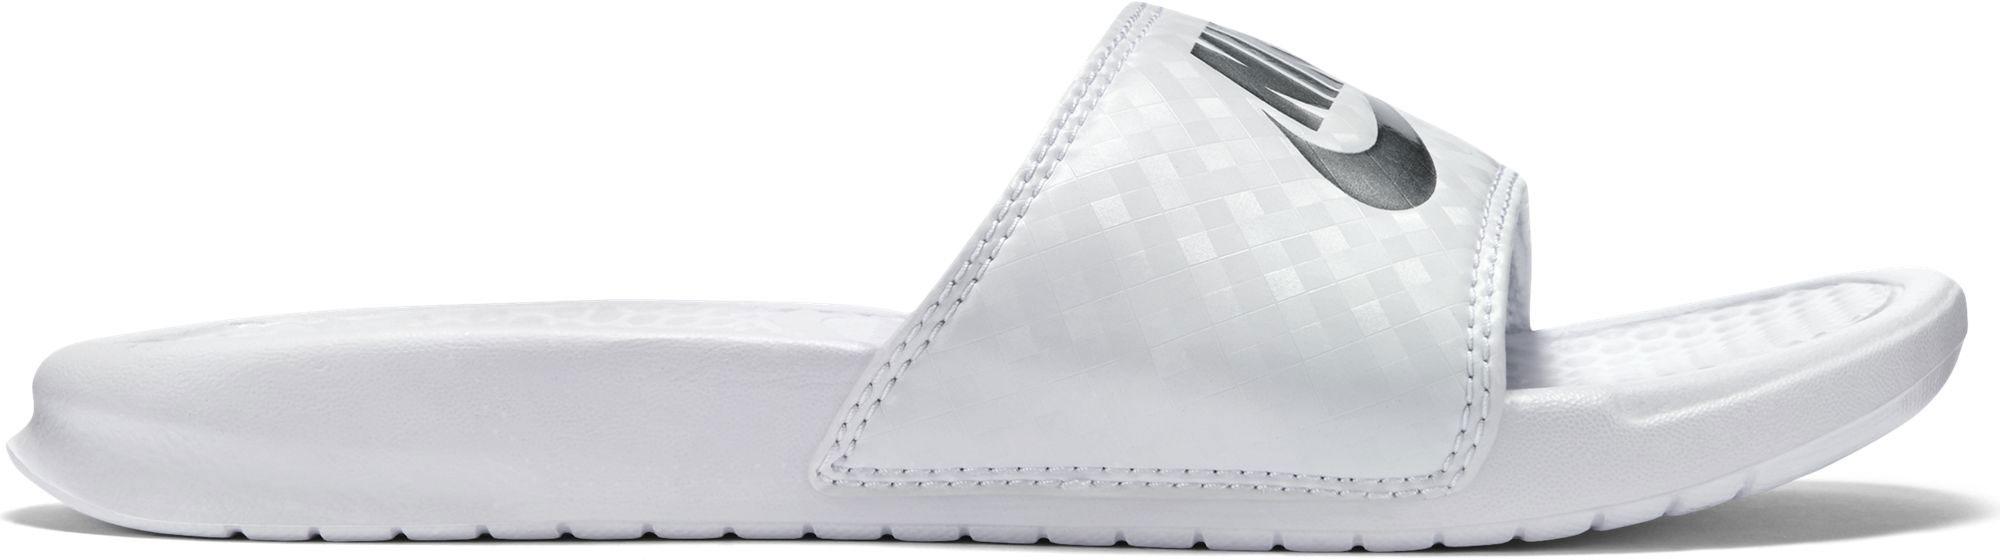 Papuci albi Nike Benassi Jdi 343881-102 Femei